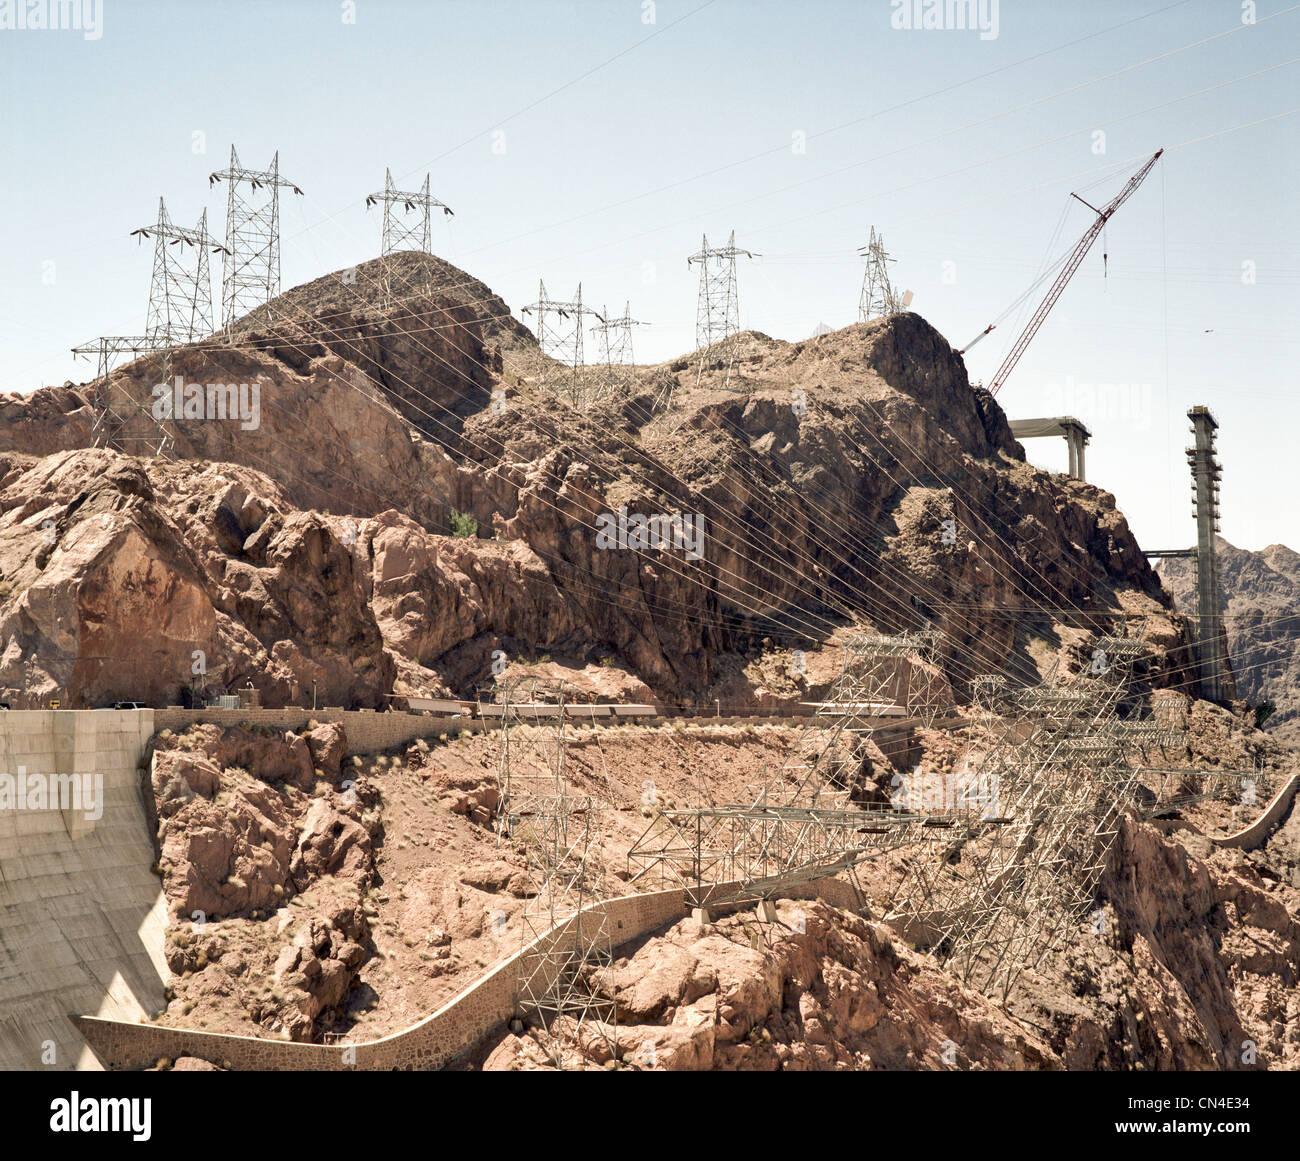 La diga di Hoover in costruzione, Nevada, STATI UNITI D'AMERICA Immagini Stock